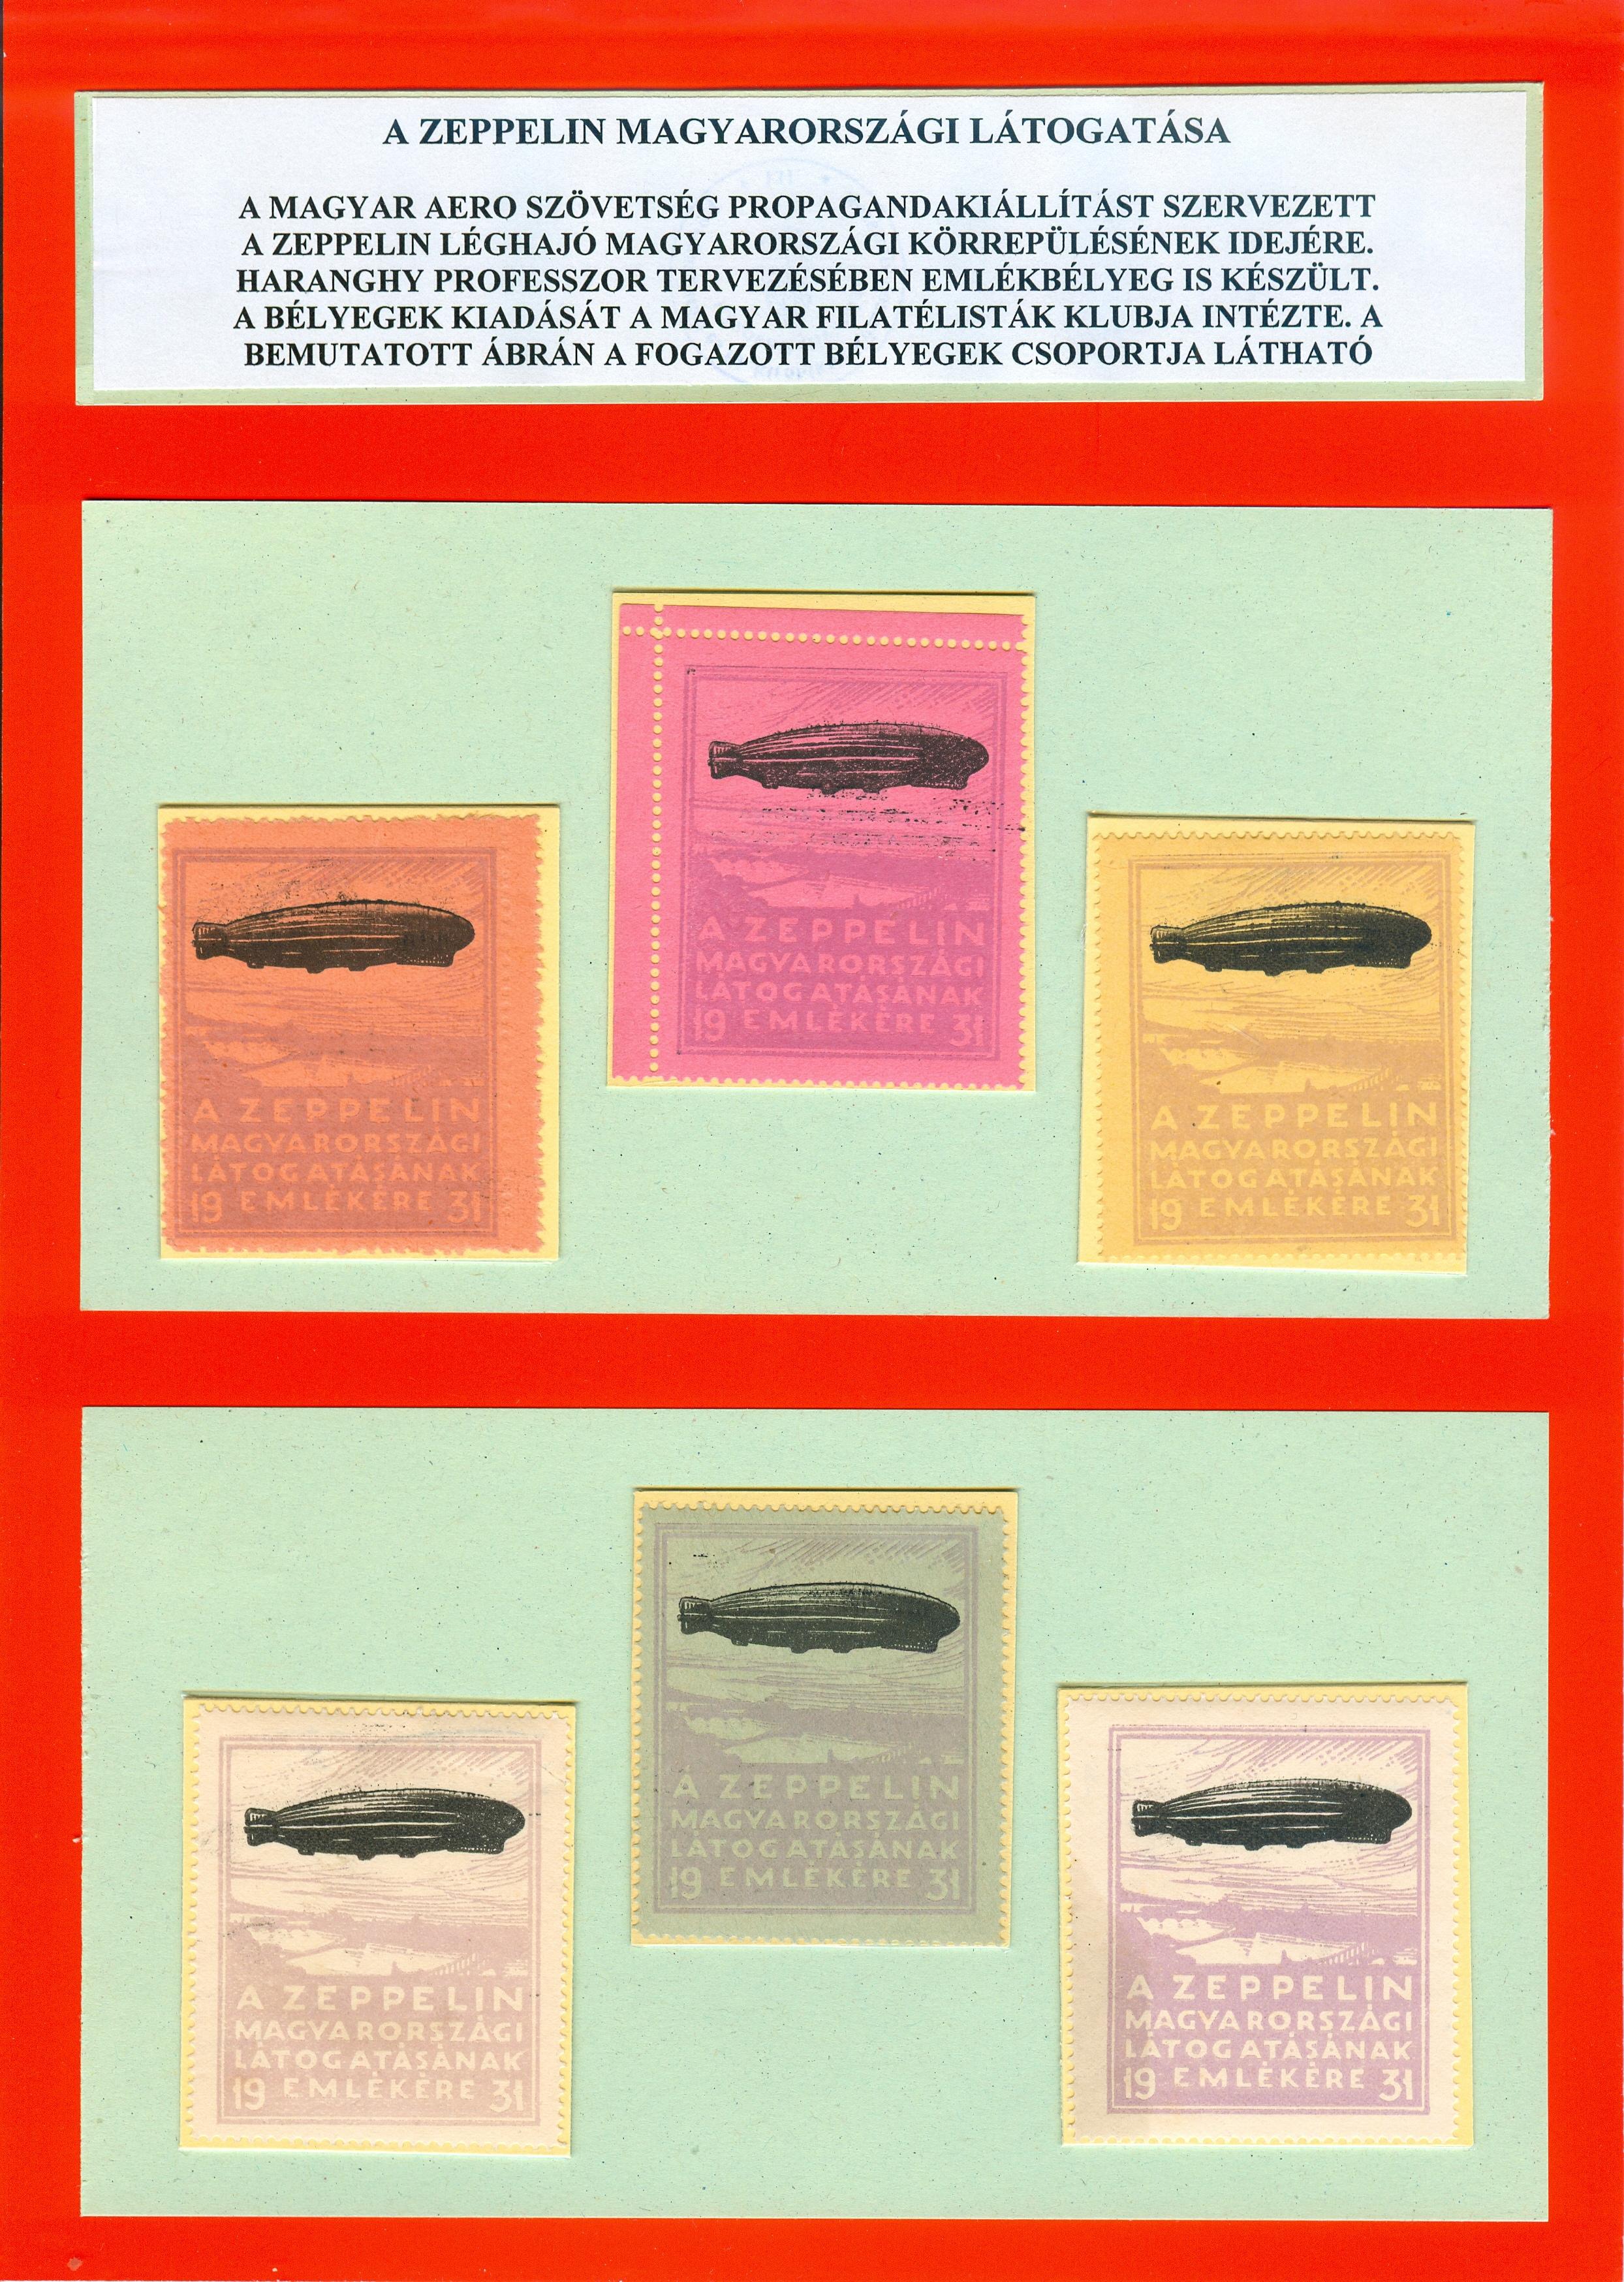 b11c528346 ... a 20022-es, és a 20023-as motívumoldalakon az előbb bemutatott alkalmi  levelezőlap mintázatával azonos emlékbélyegek fogazott és vágott  változatait ...